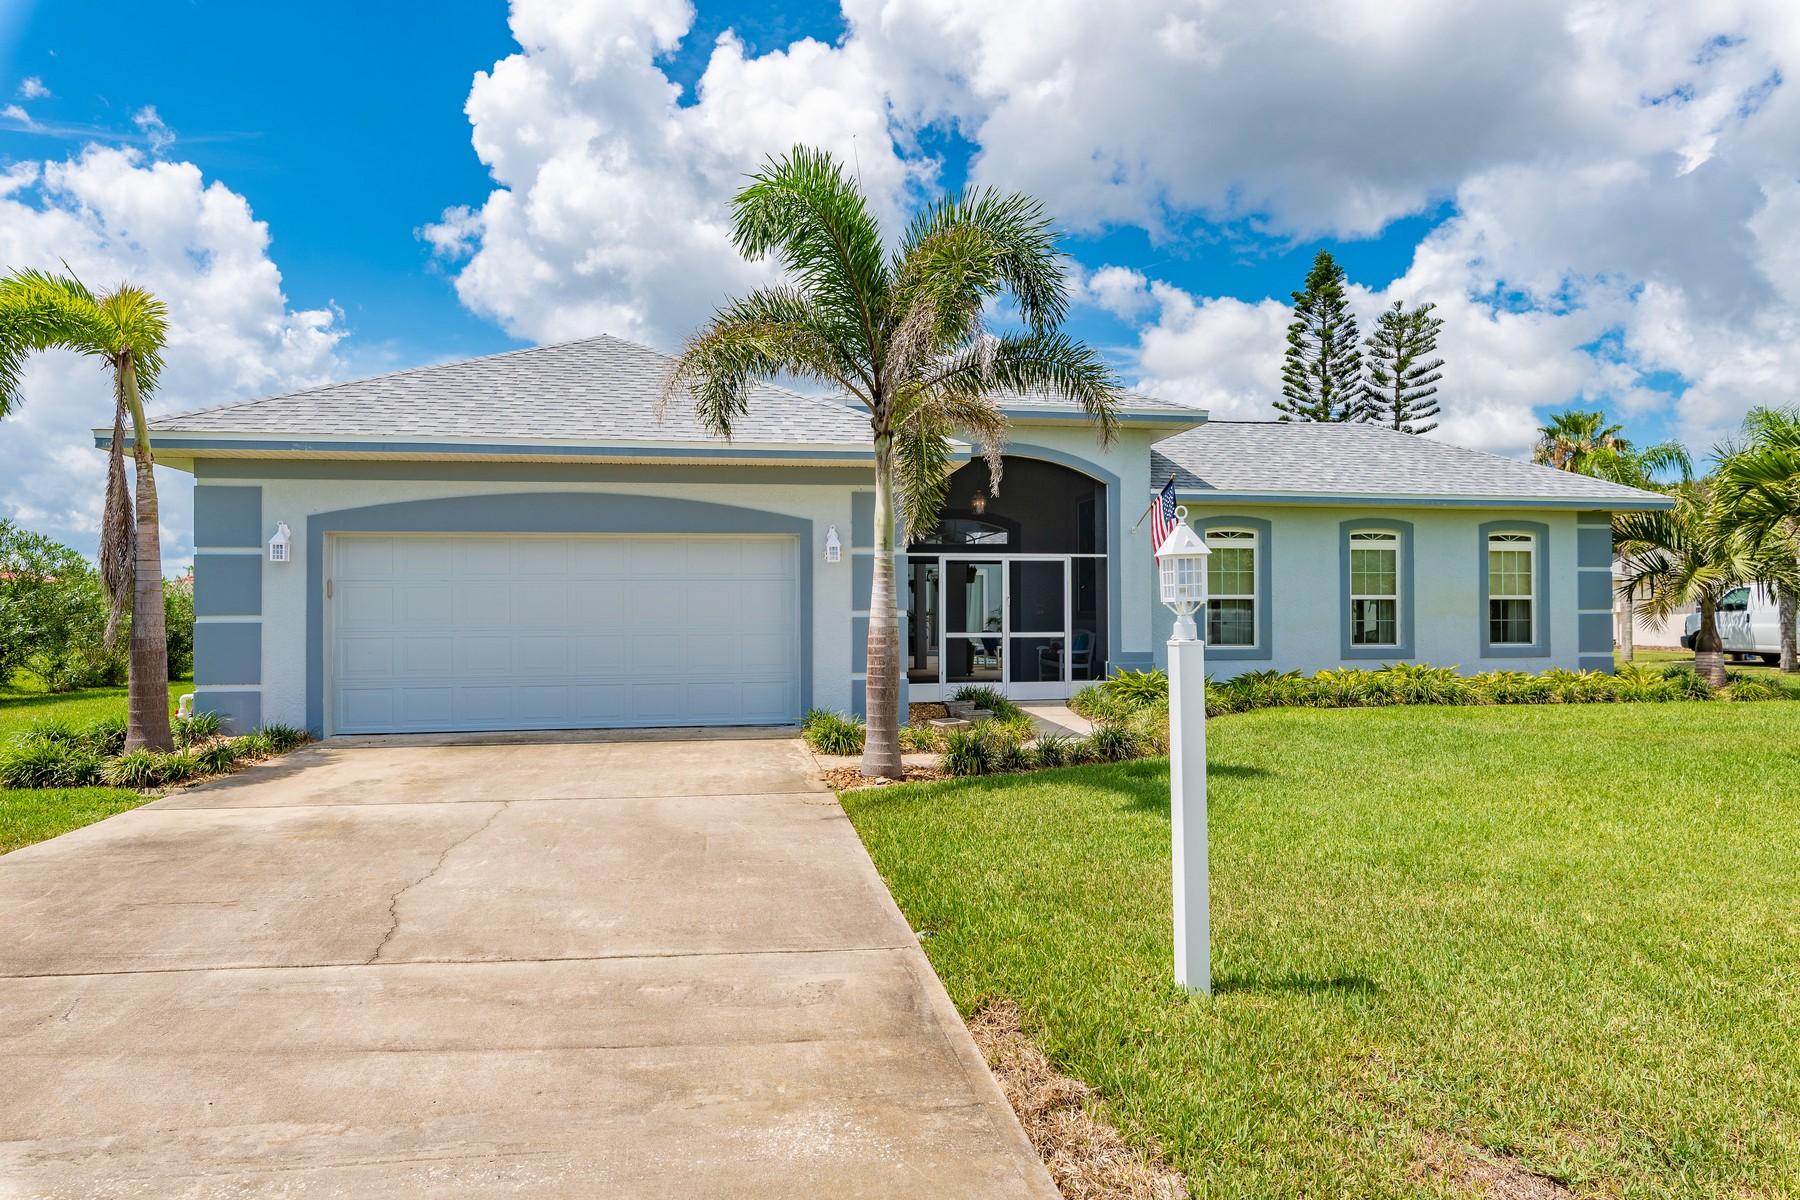 獨棟家庭住宅 為 出售 在 Courtyard Home in South Beaches 225 Woody Circle Melbourne Beach, 佛羅里達州 32951 美國